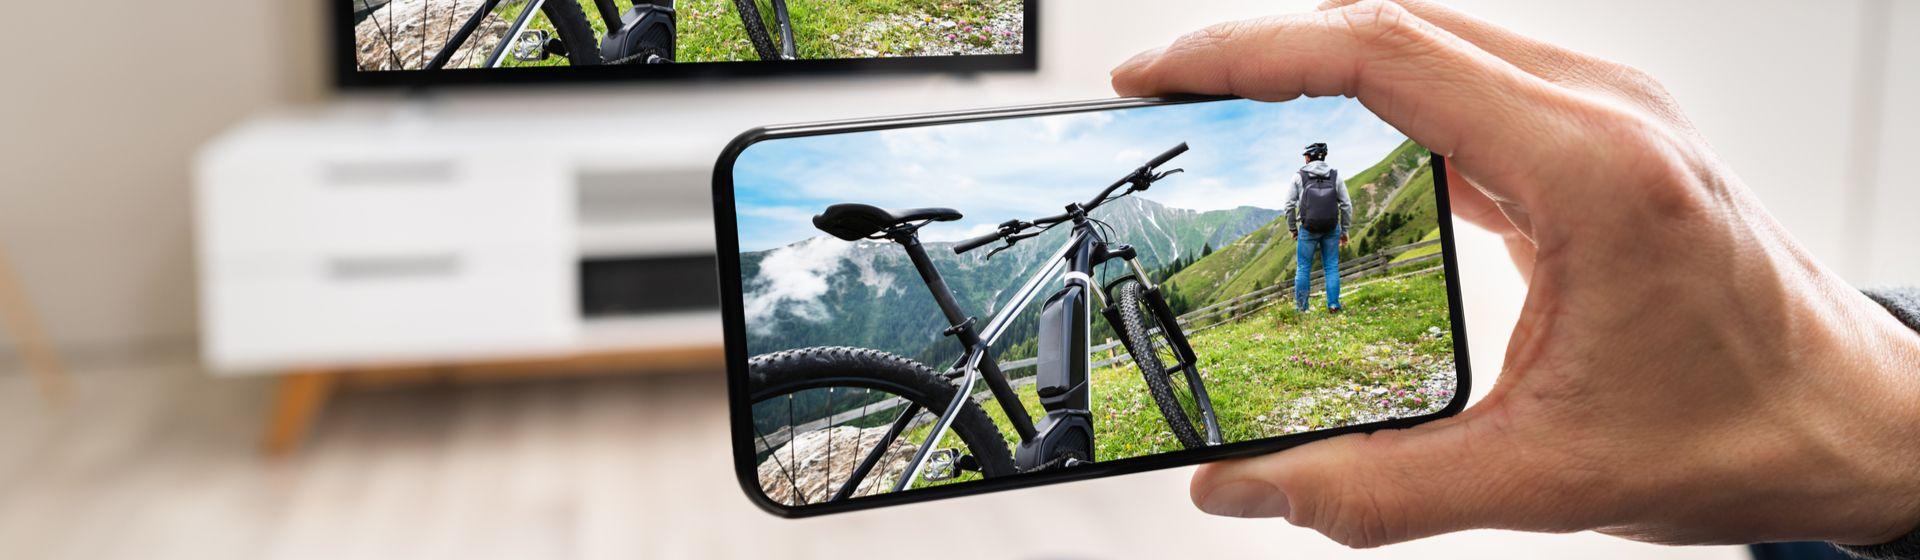 Mão segurando um celular na horizontal com um aplicativo para assistir TV